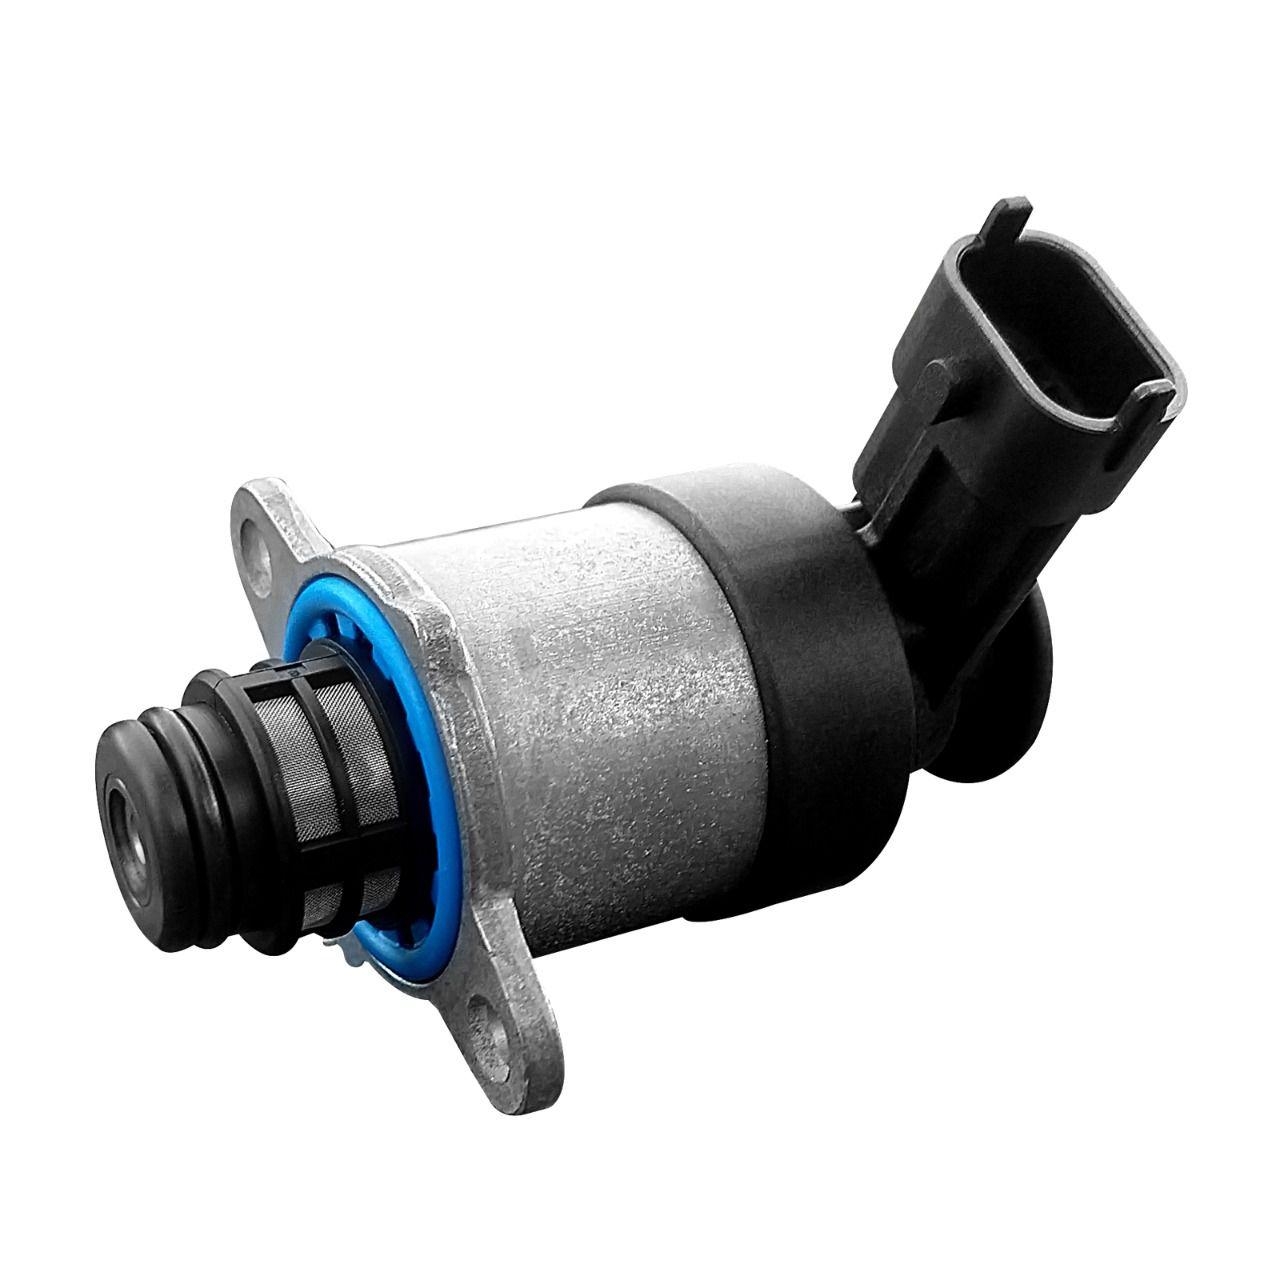 Válvula da Bomba de Alta Pressão  Iveco Daily 35S14 / 45C17 / 55C17 / 70C17 3.0 16v Ecoline Euro V Ano  2012 a 2018